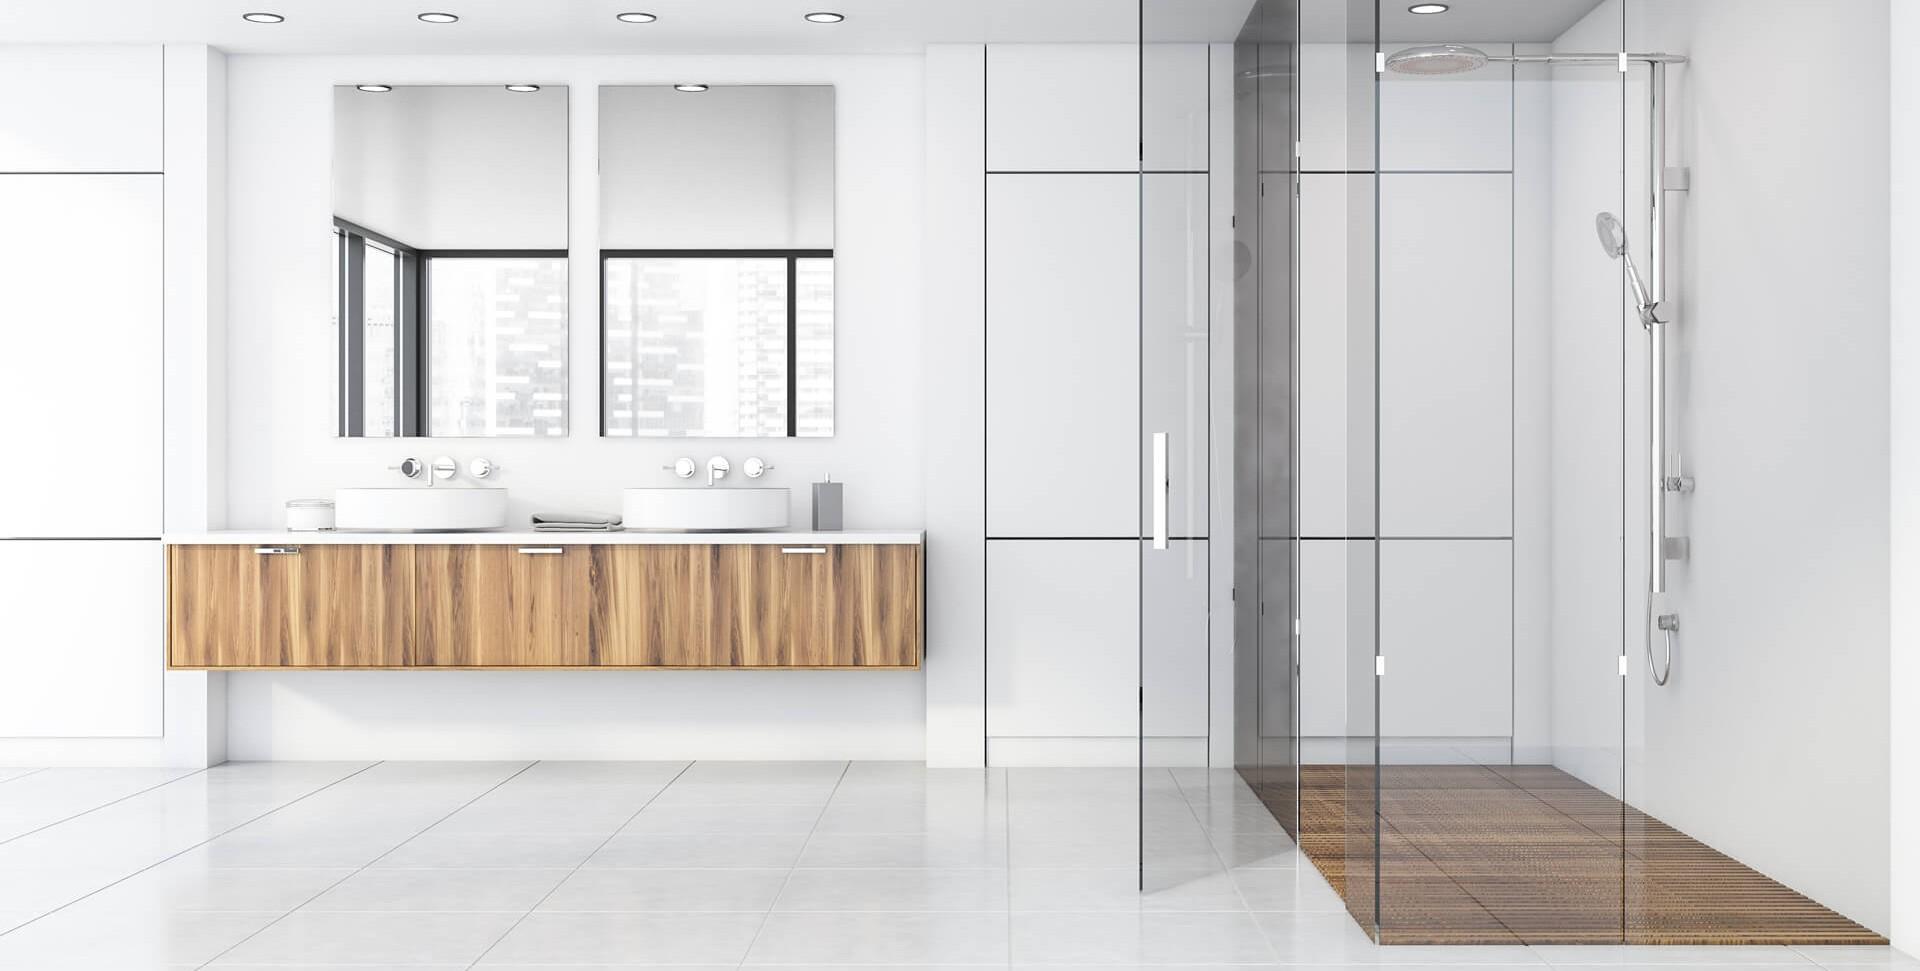 Full Size of Bodengleiche Duschen Bei Glasprofi24 Kaufen Behindertengerechte Dusche Wand Grohe Thermostat 80x80 Nachträglich Einbauen Moderne Haltegriff 90x90 Hüppe Dusche Bodenebene Dusche